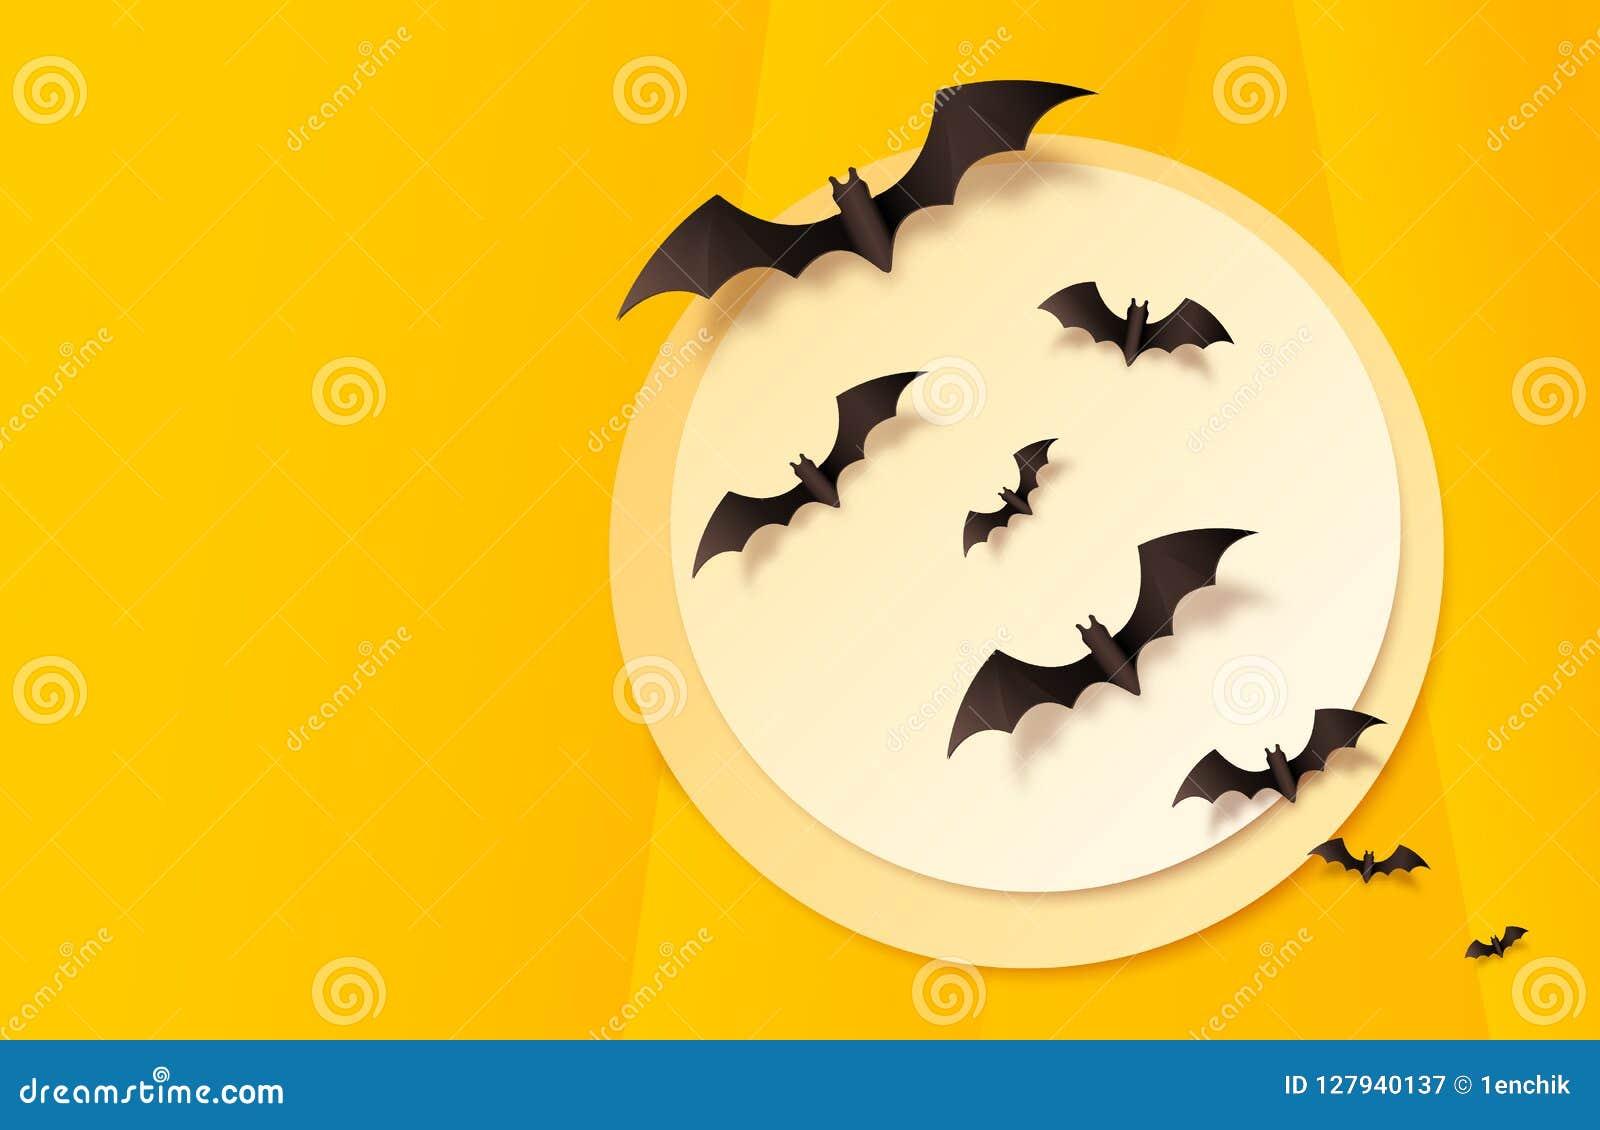 Bakgrund för allhelgonaaftonen för vektorn för apelsinpappersstil med den stora månen och svart slår till att flyga över